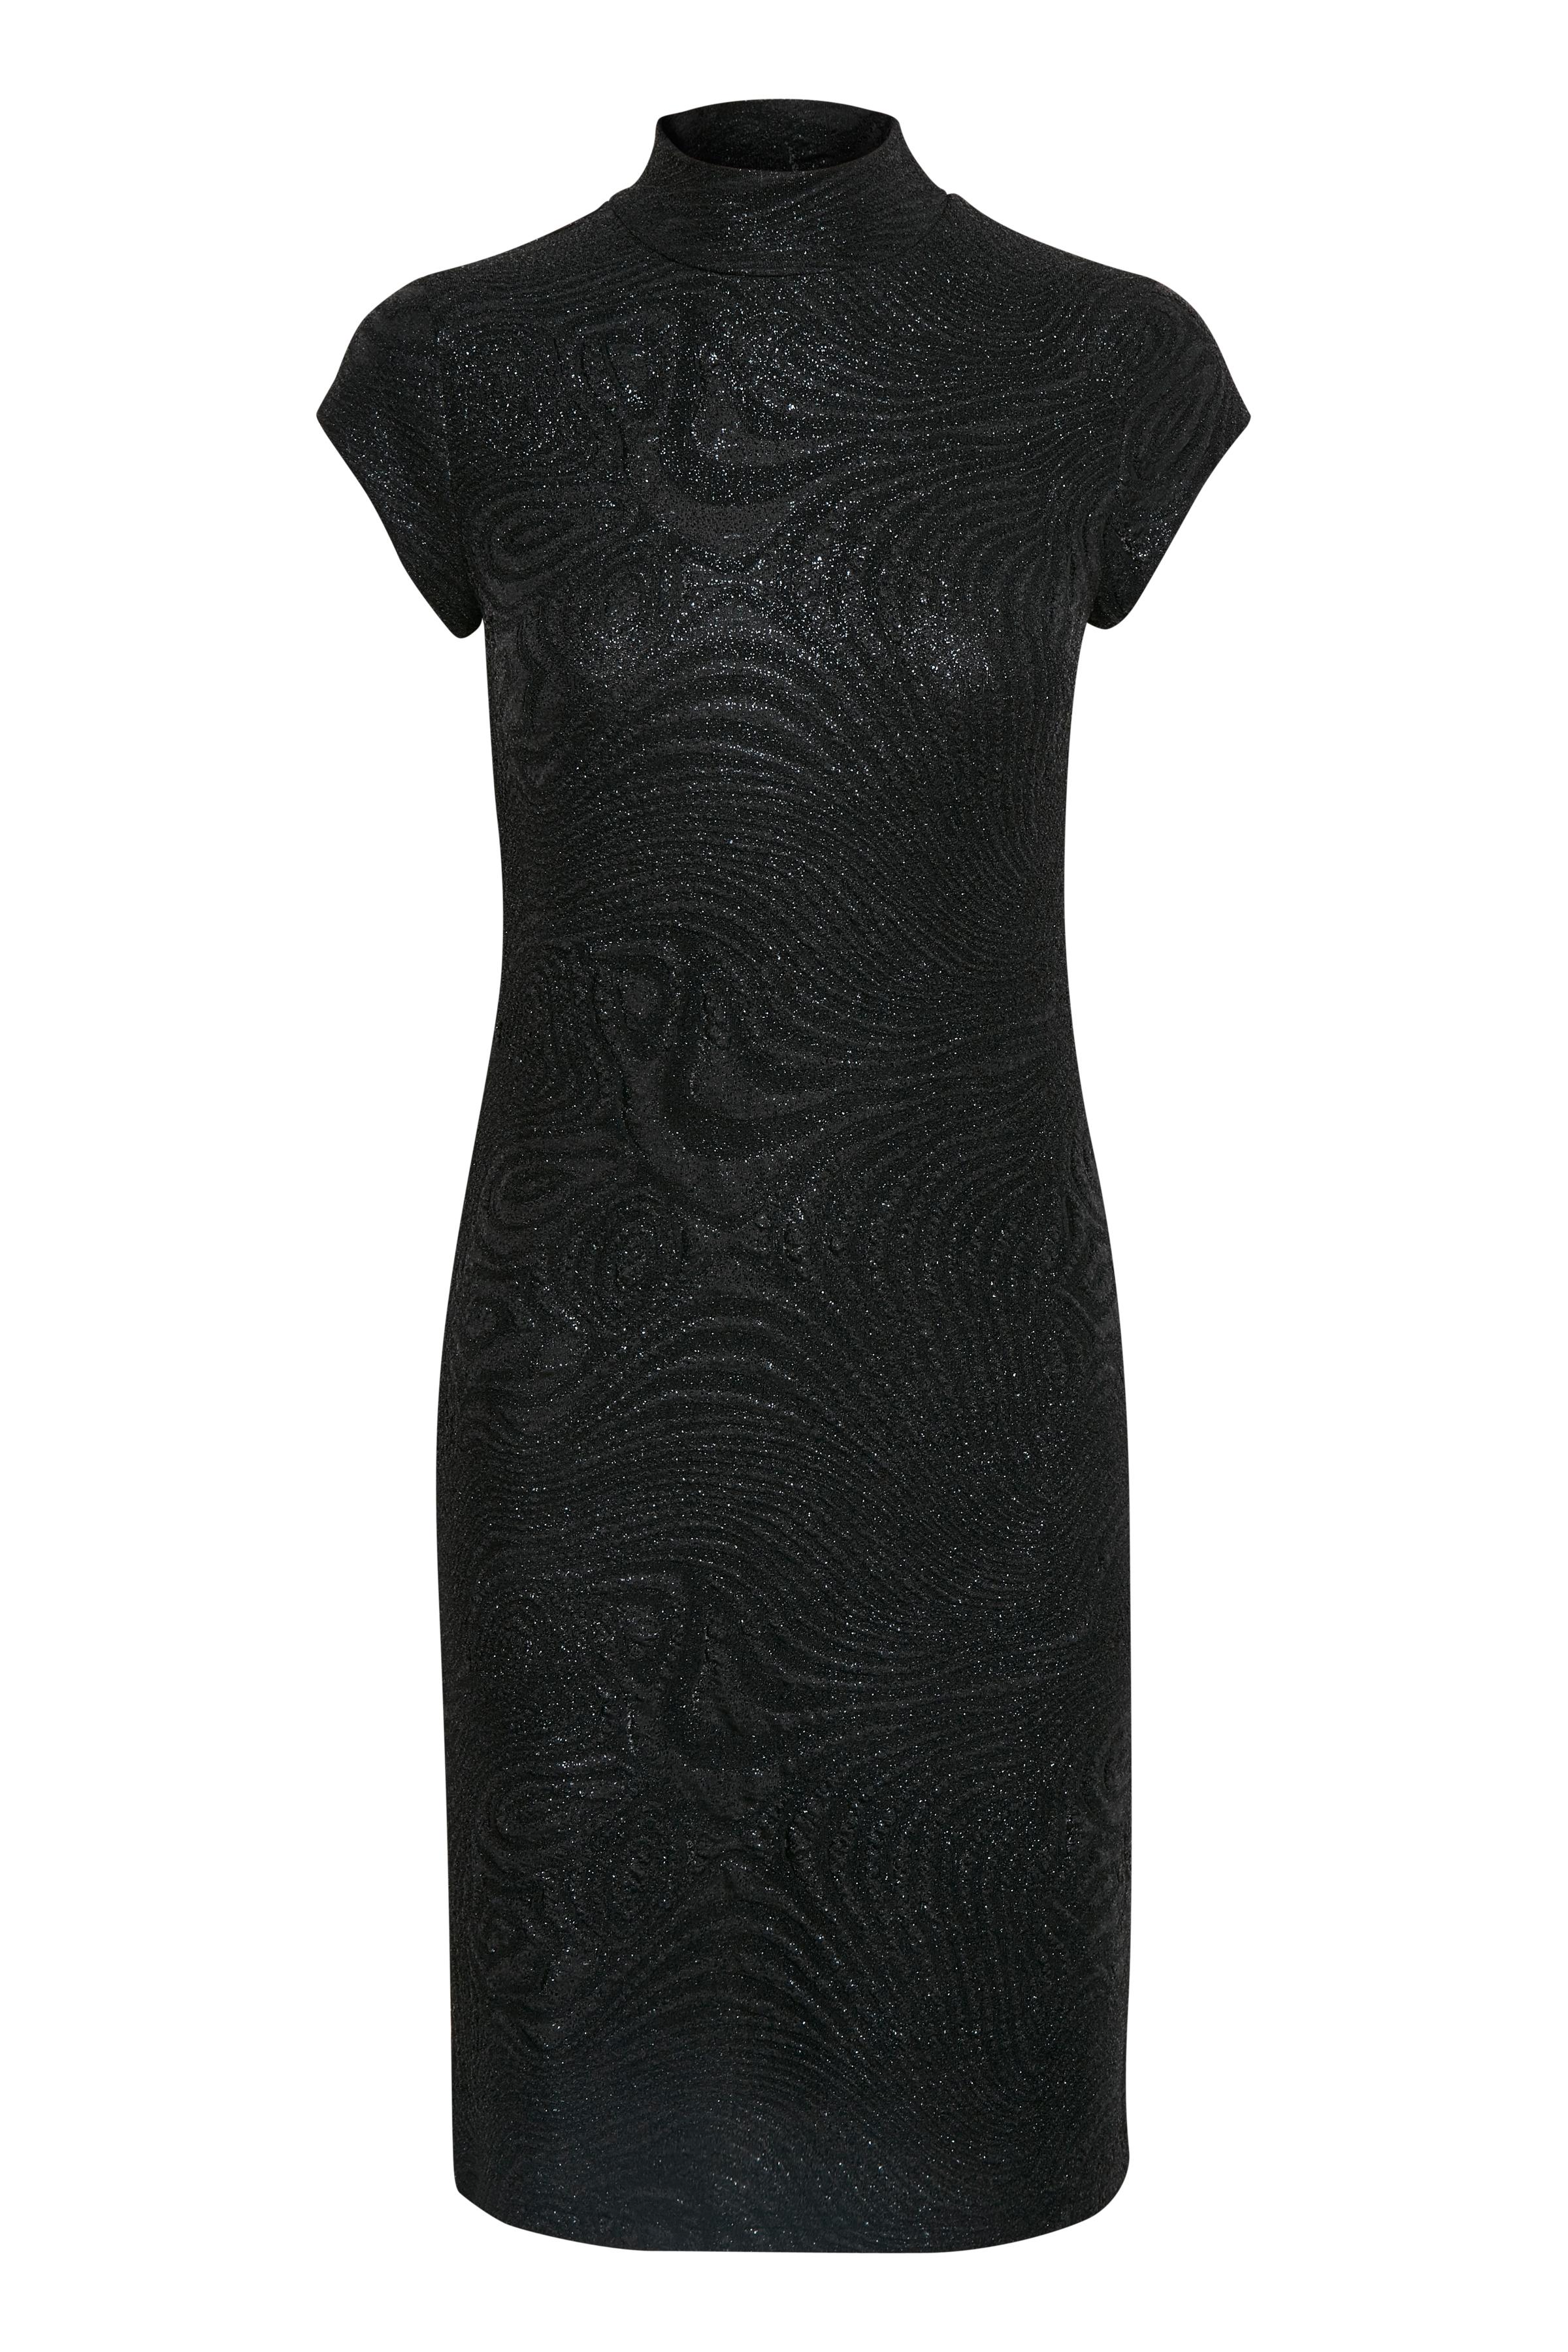 Zwart Gebreide jurk van Kaffe – Door Zwart Gebreide jurk van maat. XS-XXL hier